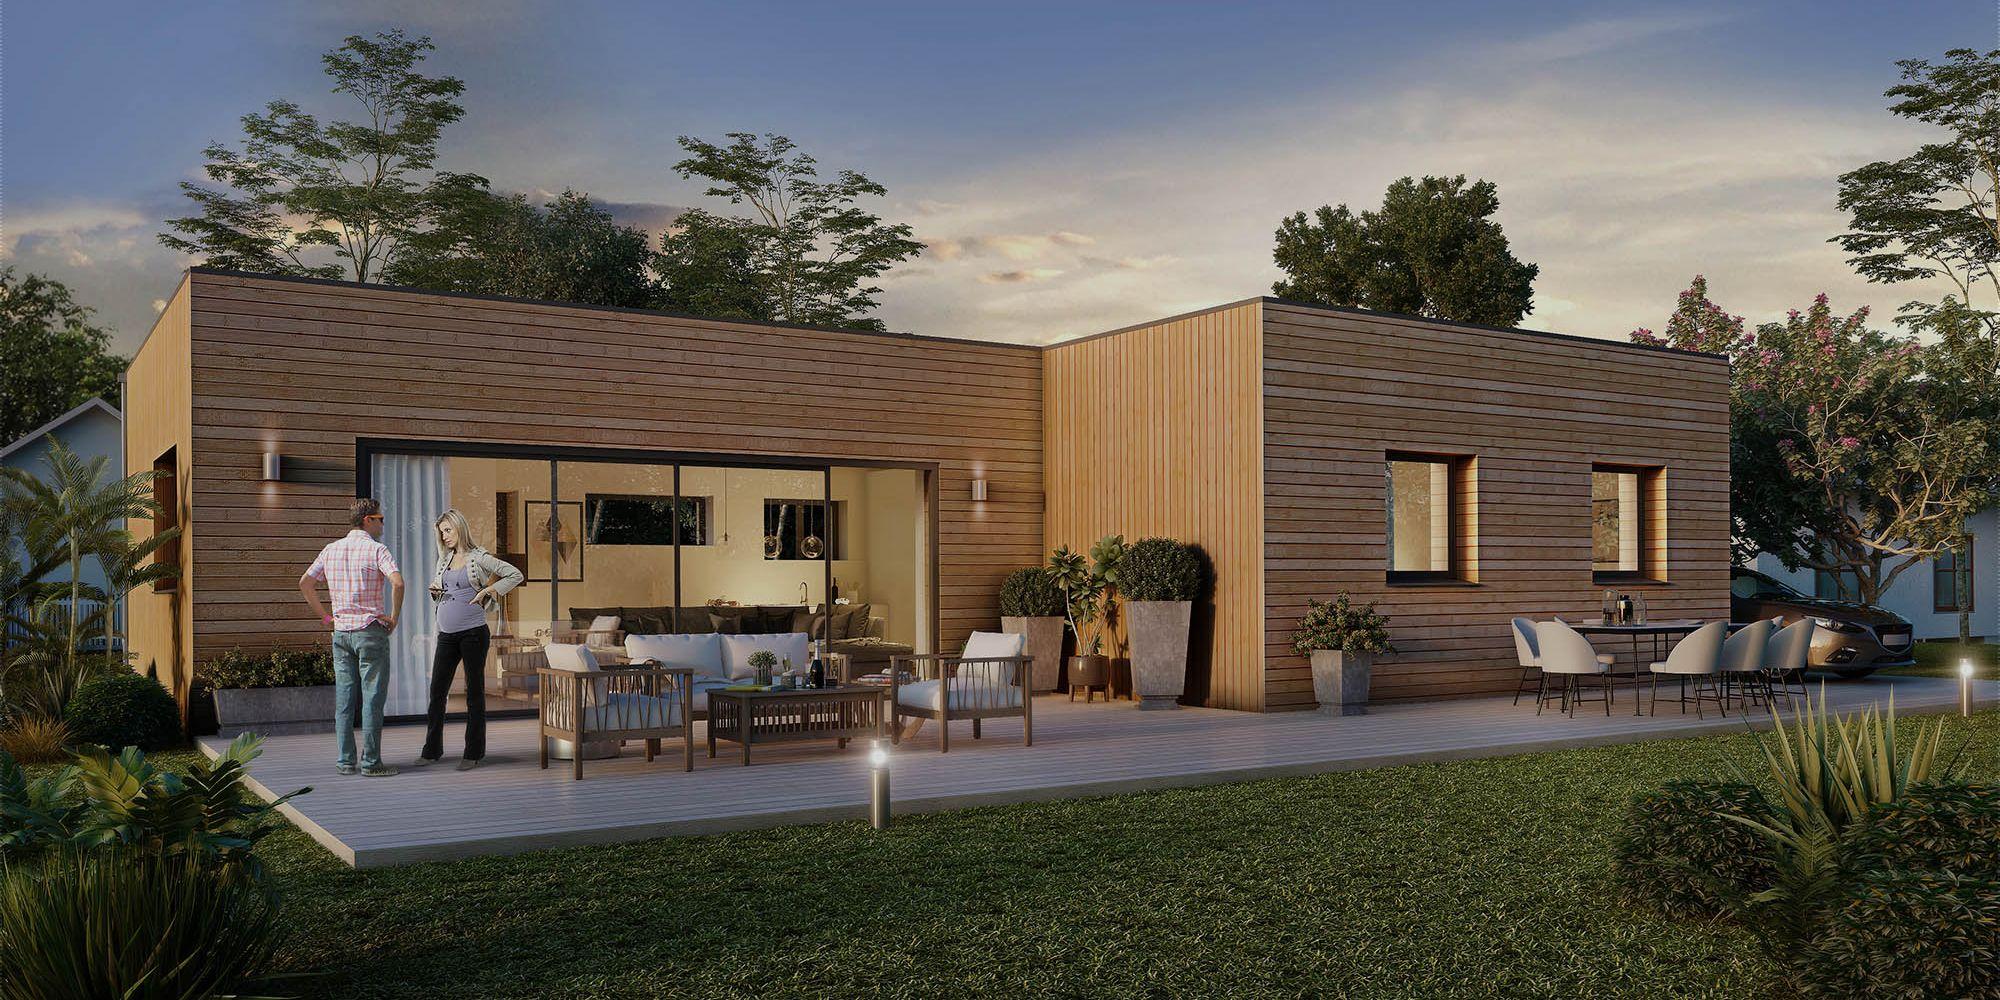 Maison Bois Avis ami bois | constructeur de maisons en bois